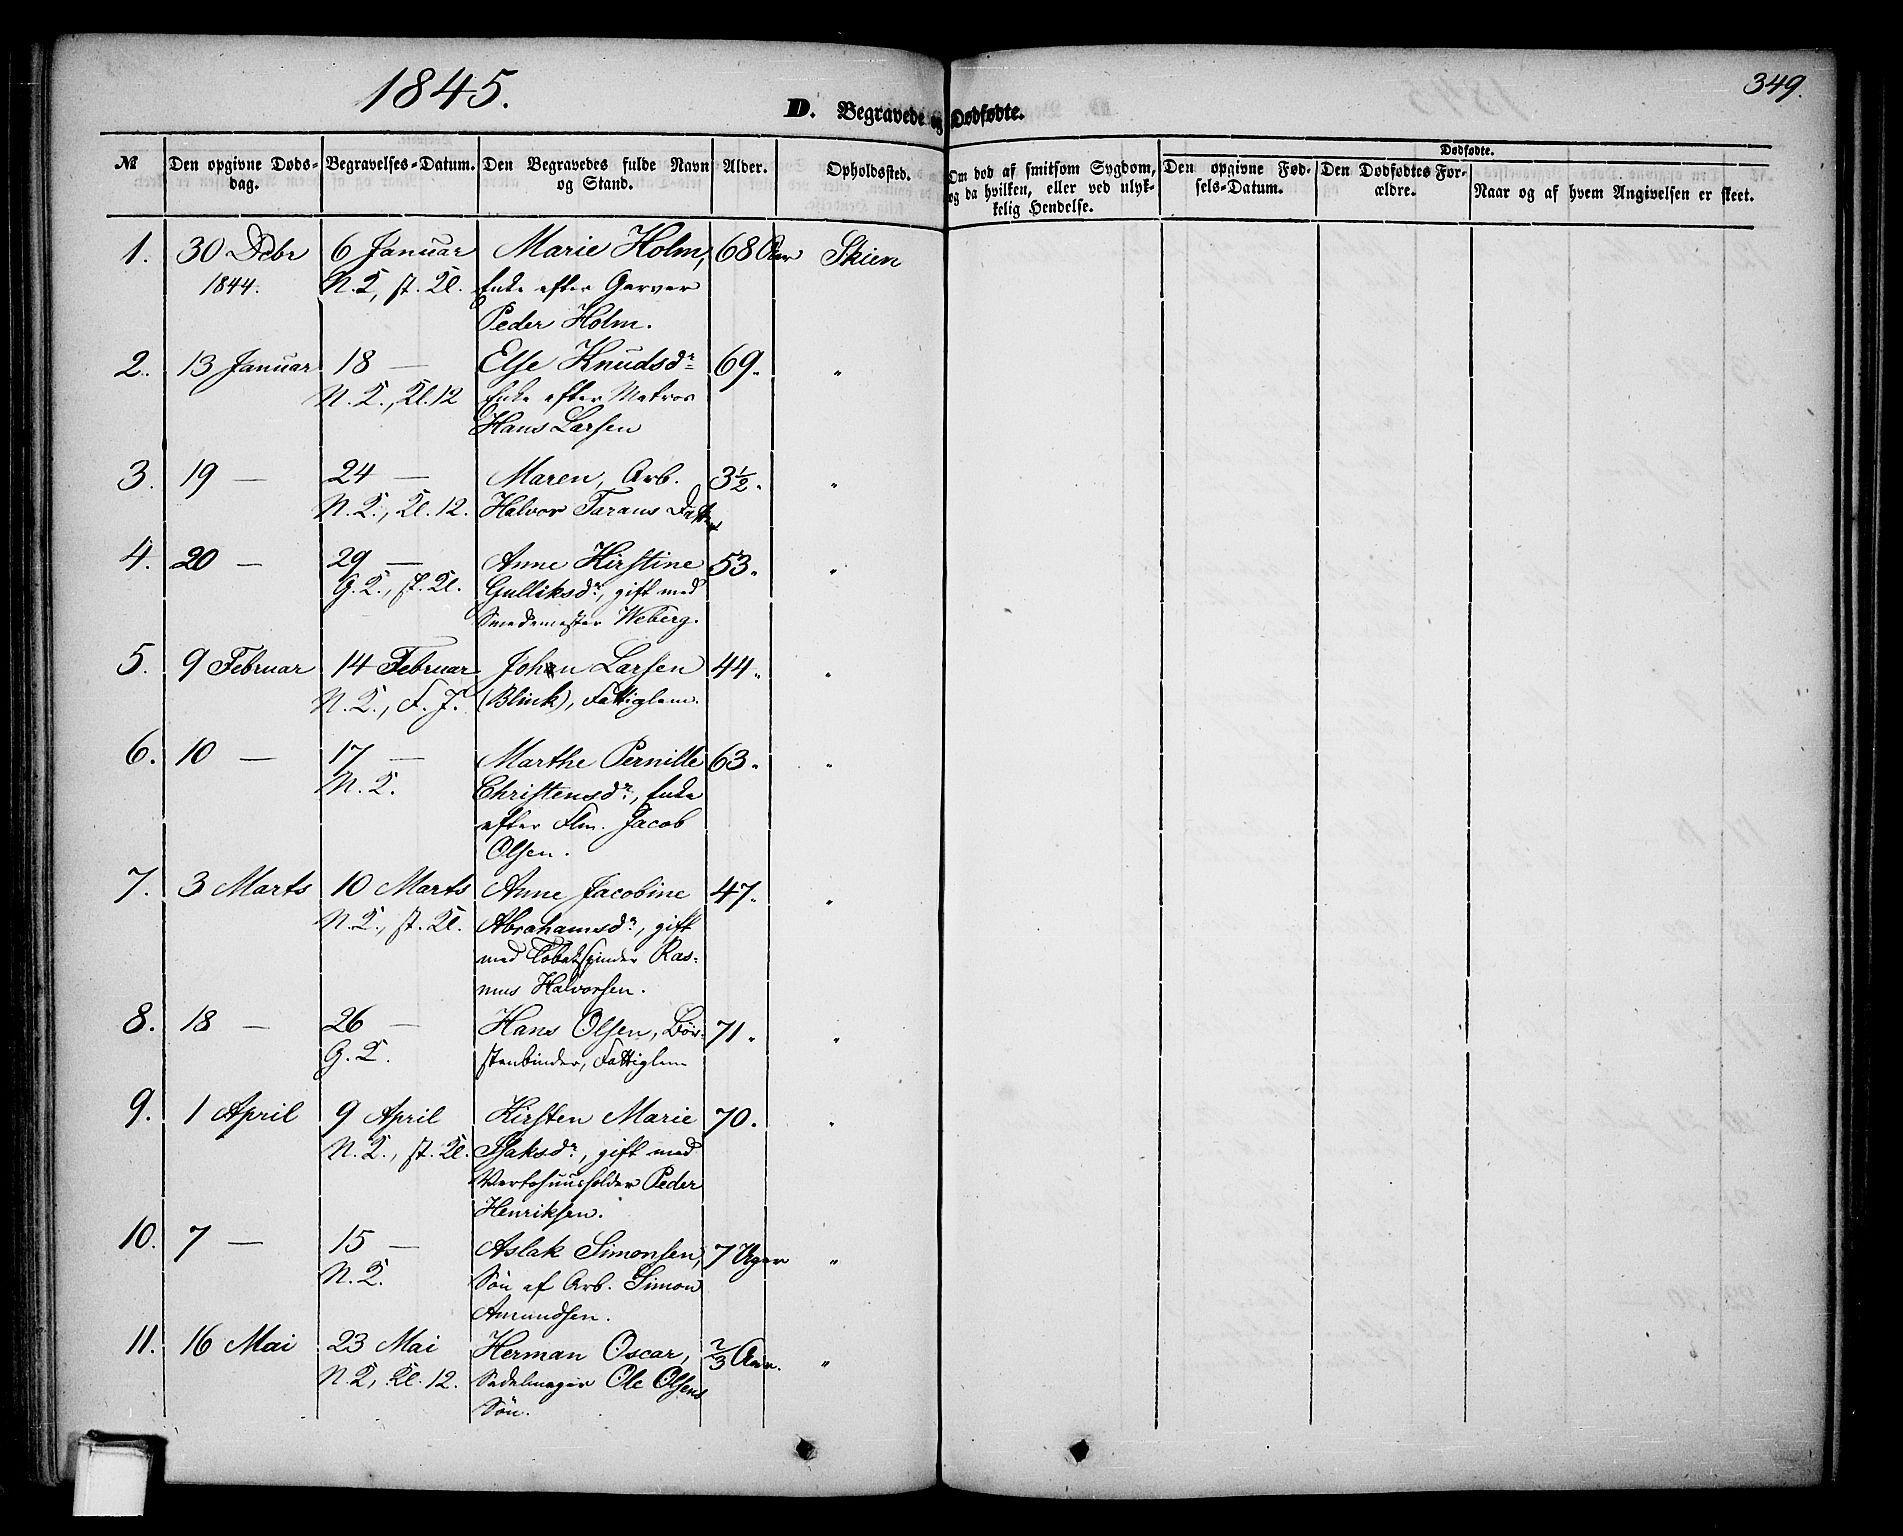 SAKO, Skien kirkebøker, G/Ga/L0004: Klokkerbok nr. 4, 1843-1867, s. 349